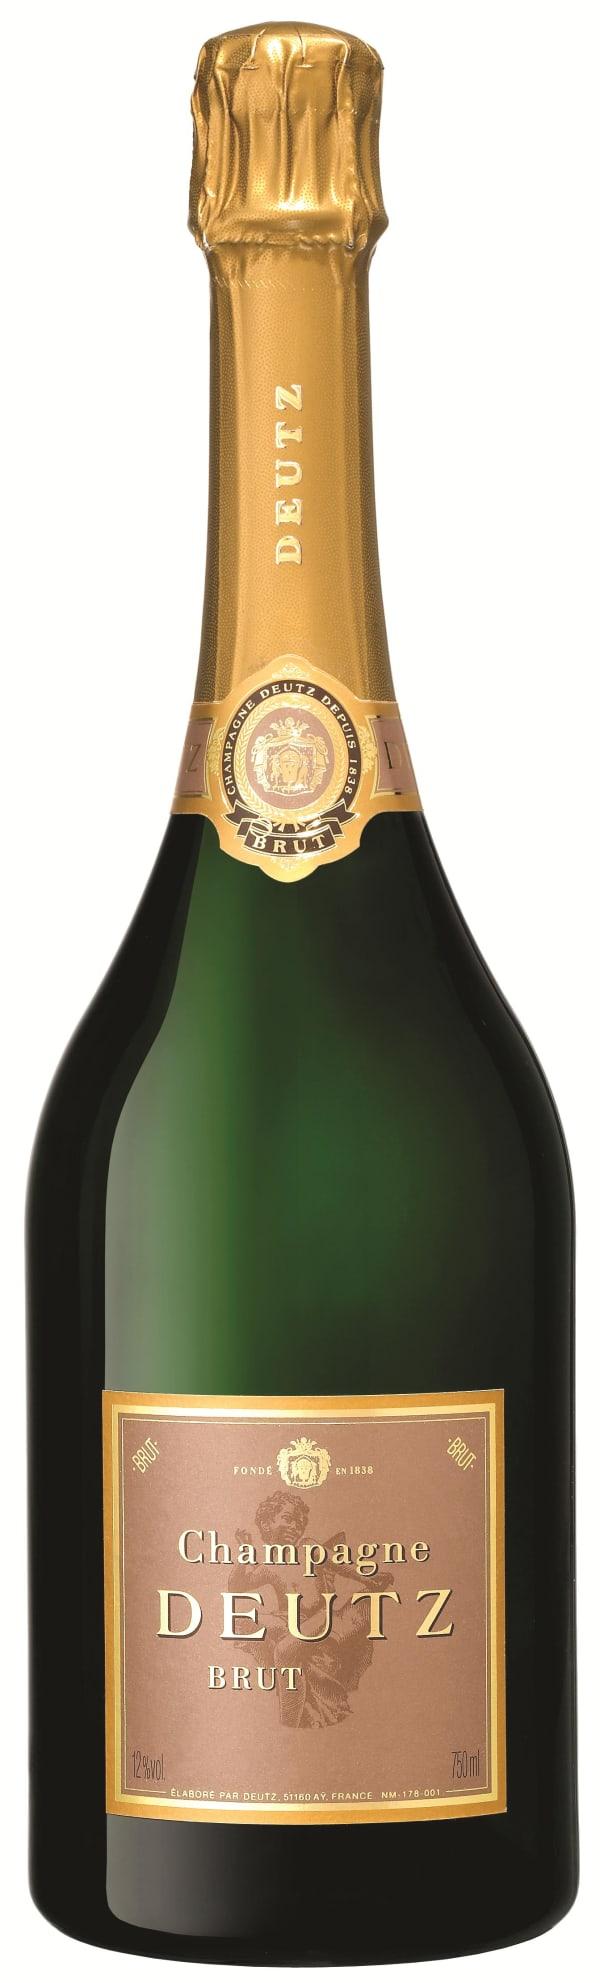 Deutz Champagne Brut 2013